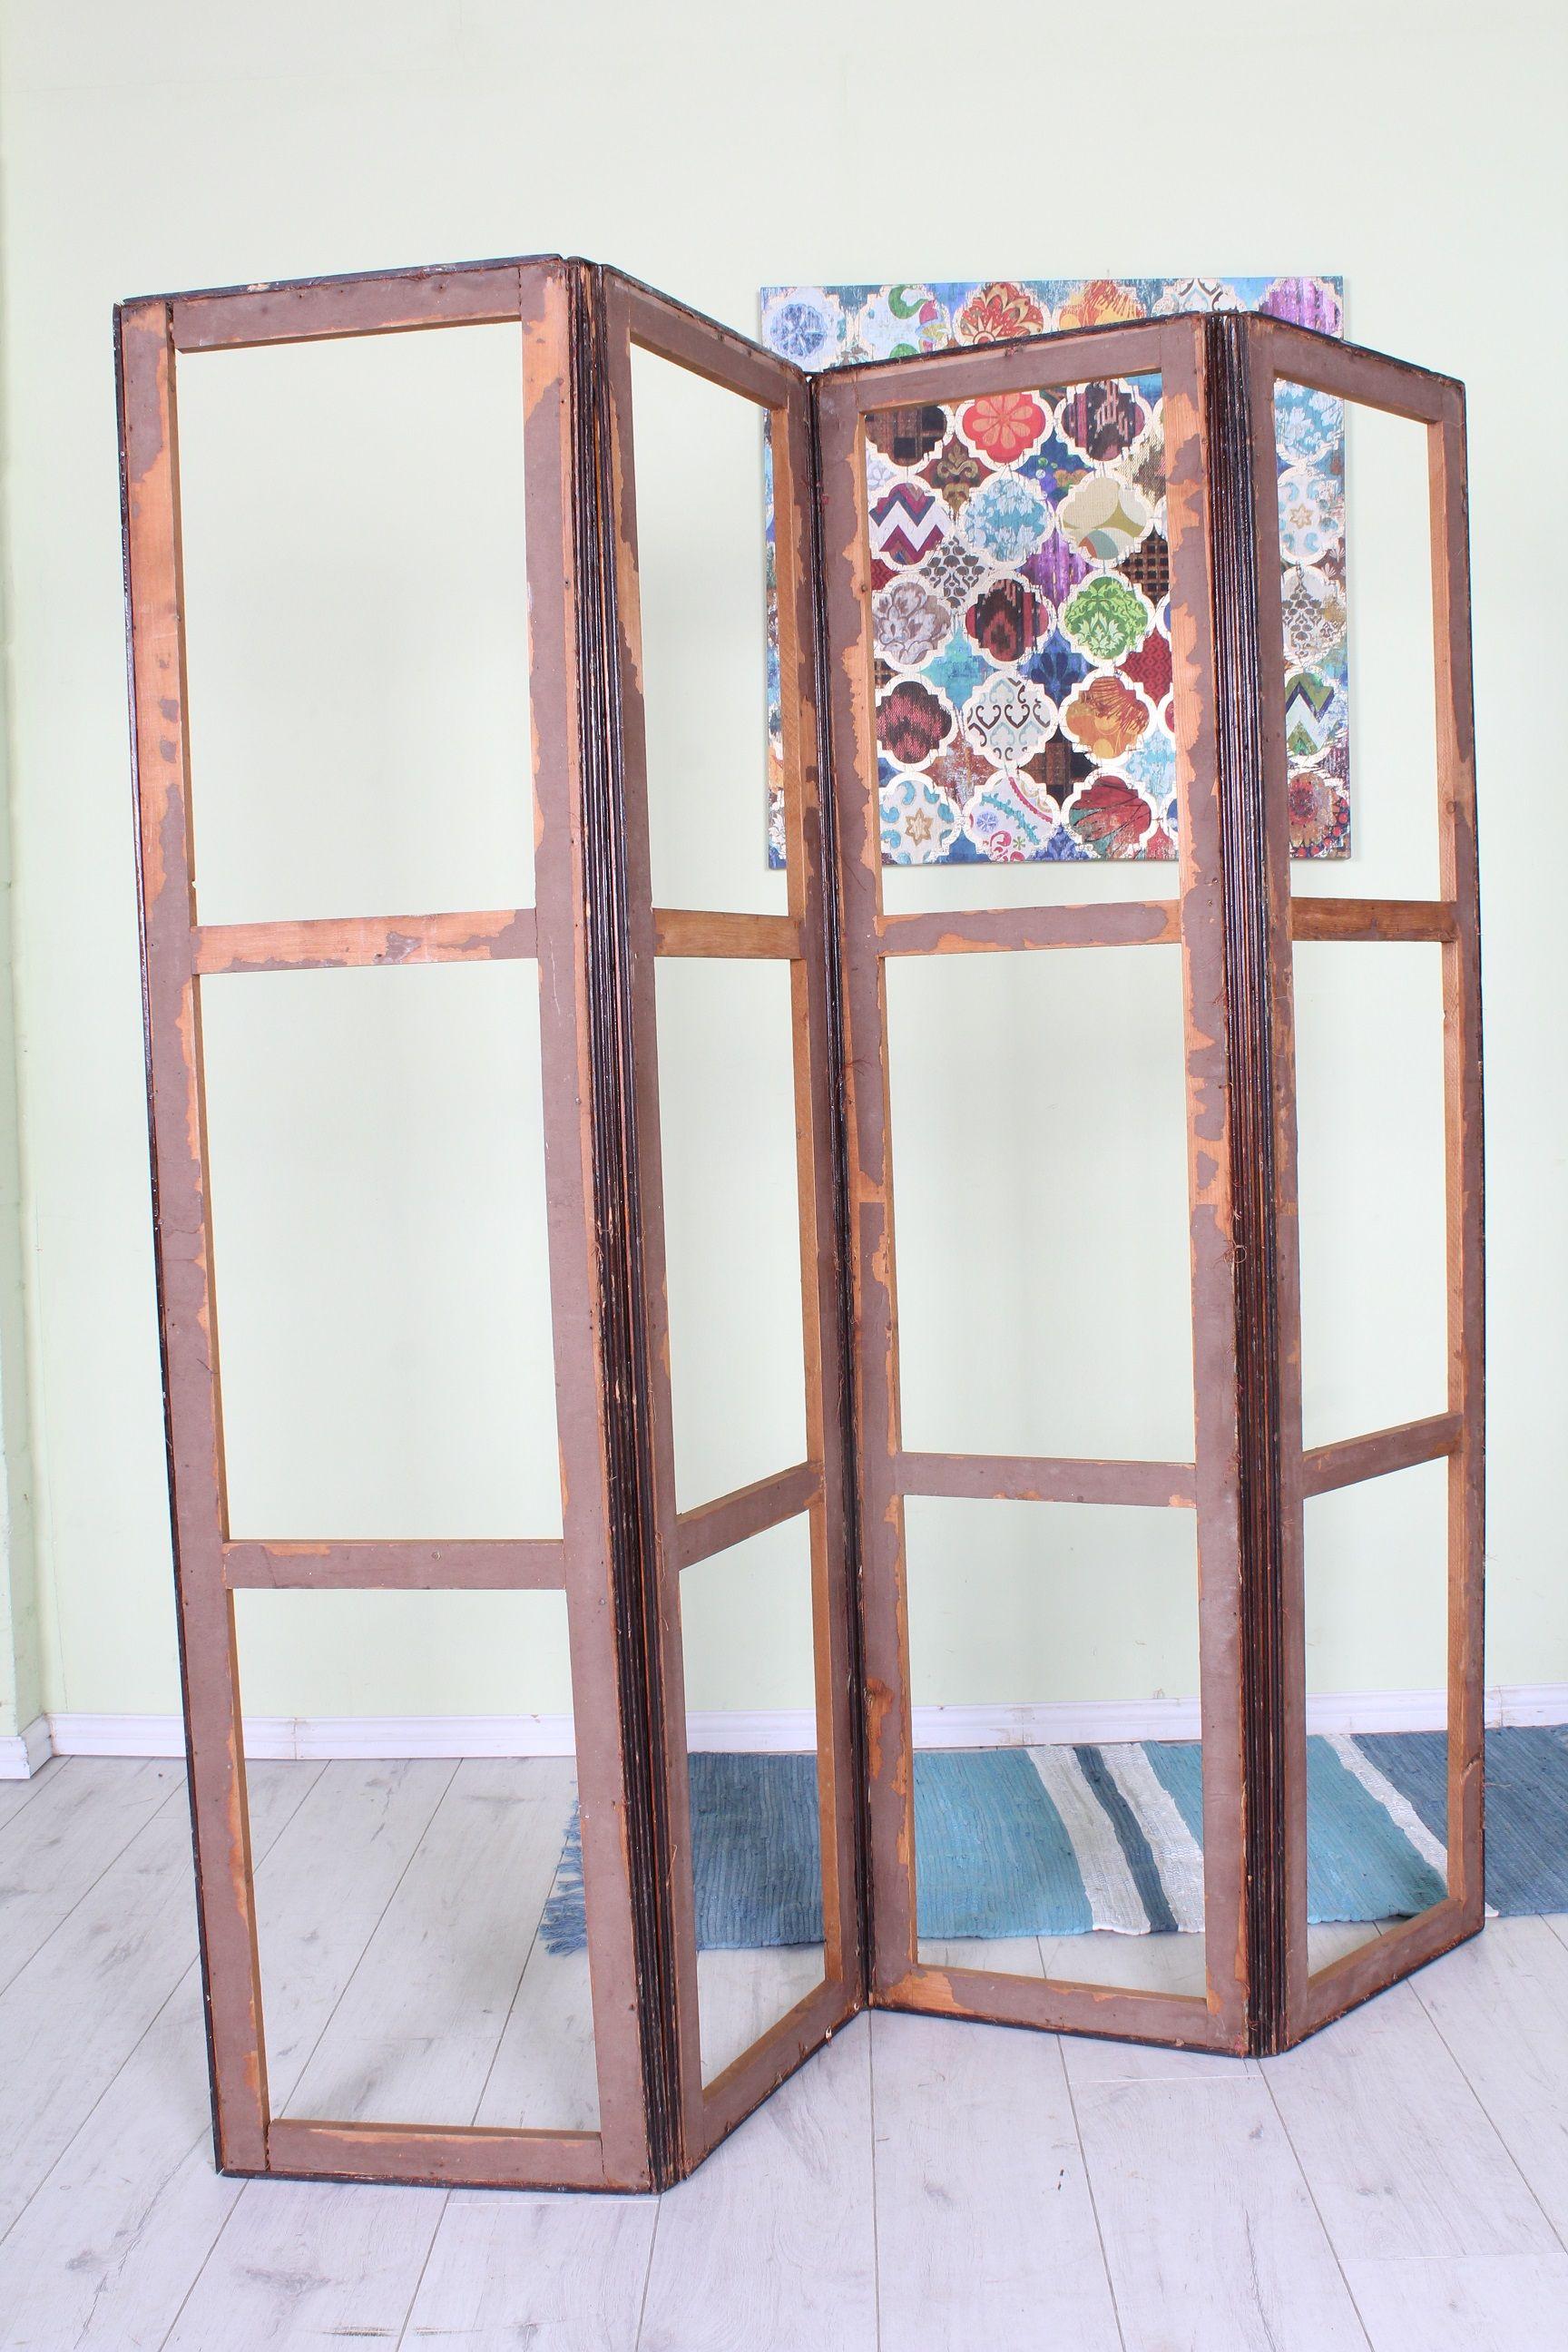 rustic old antique wooden bedroom divider screen in working